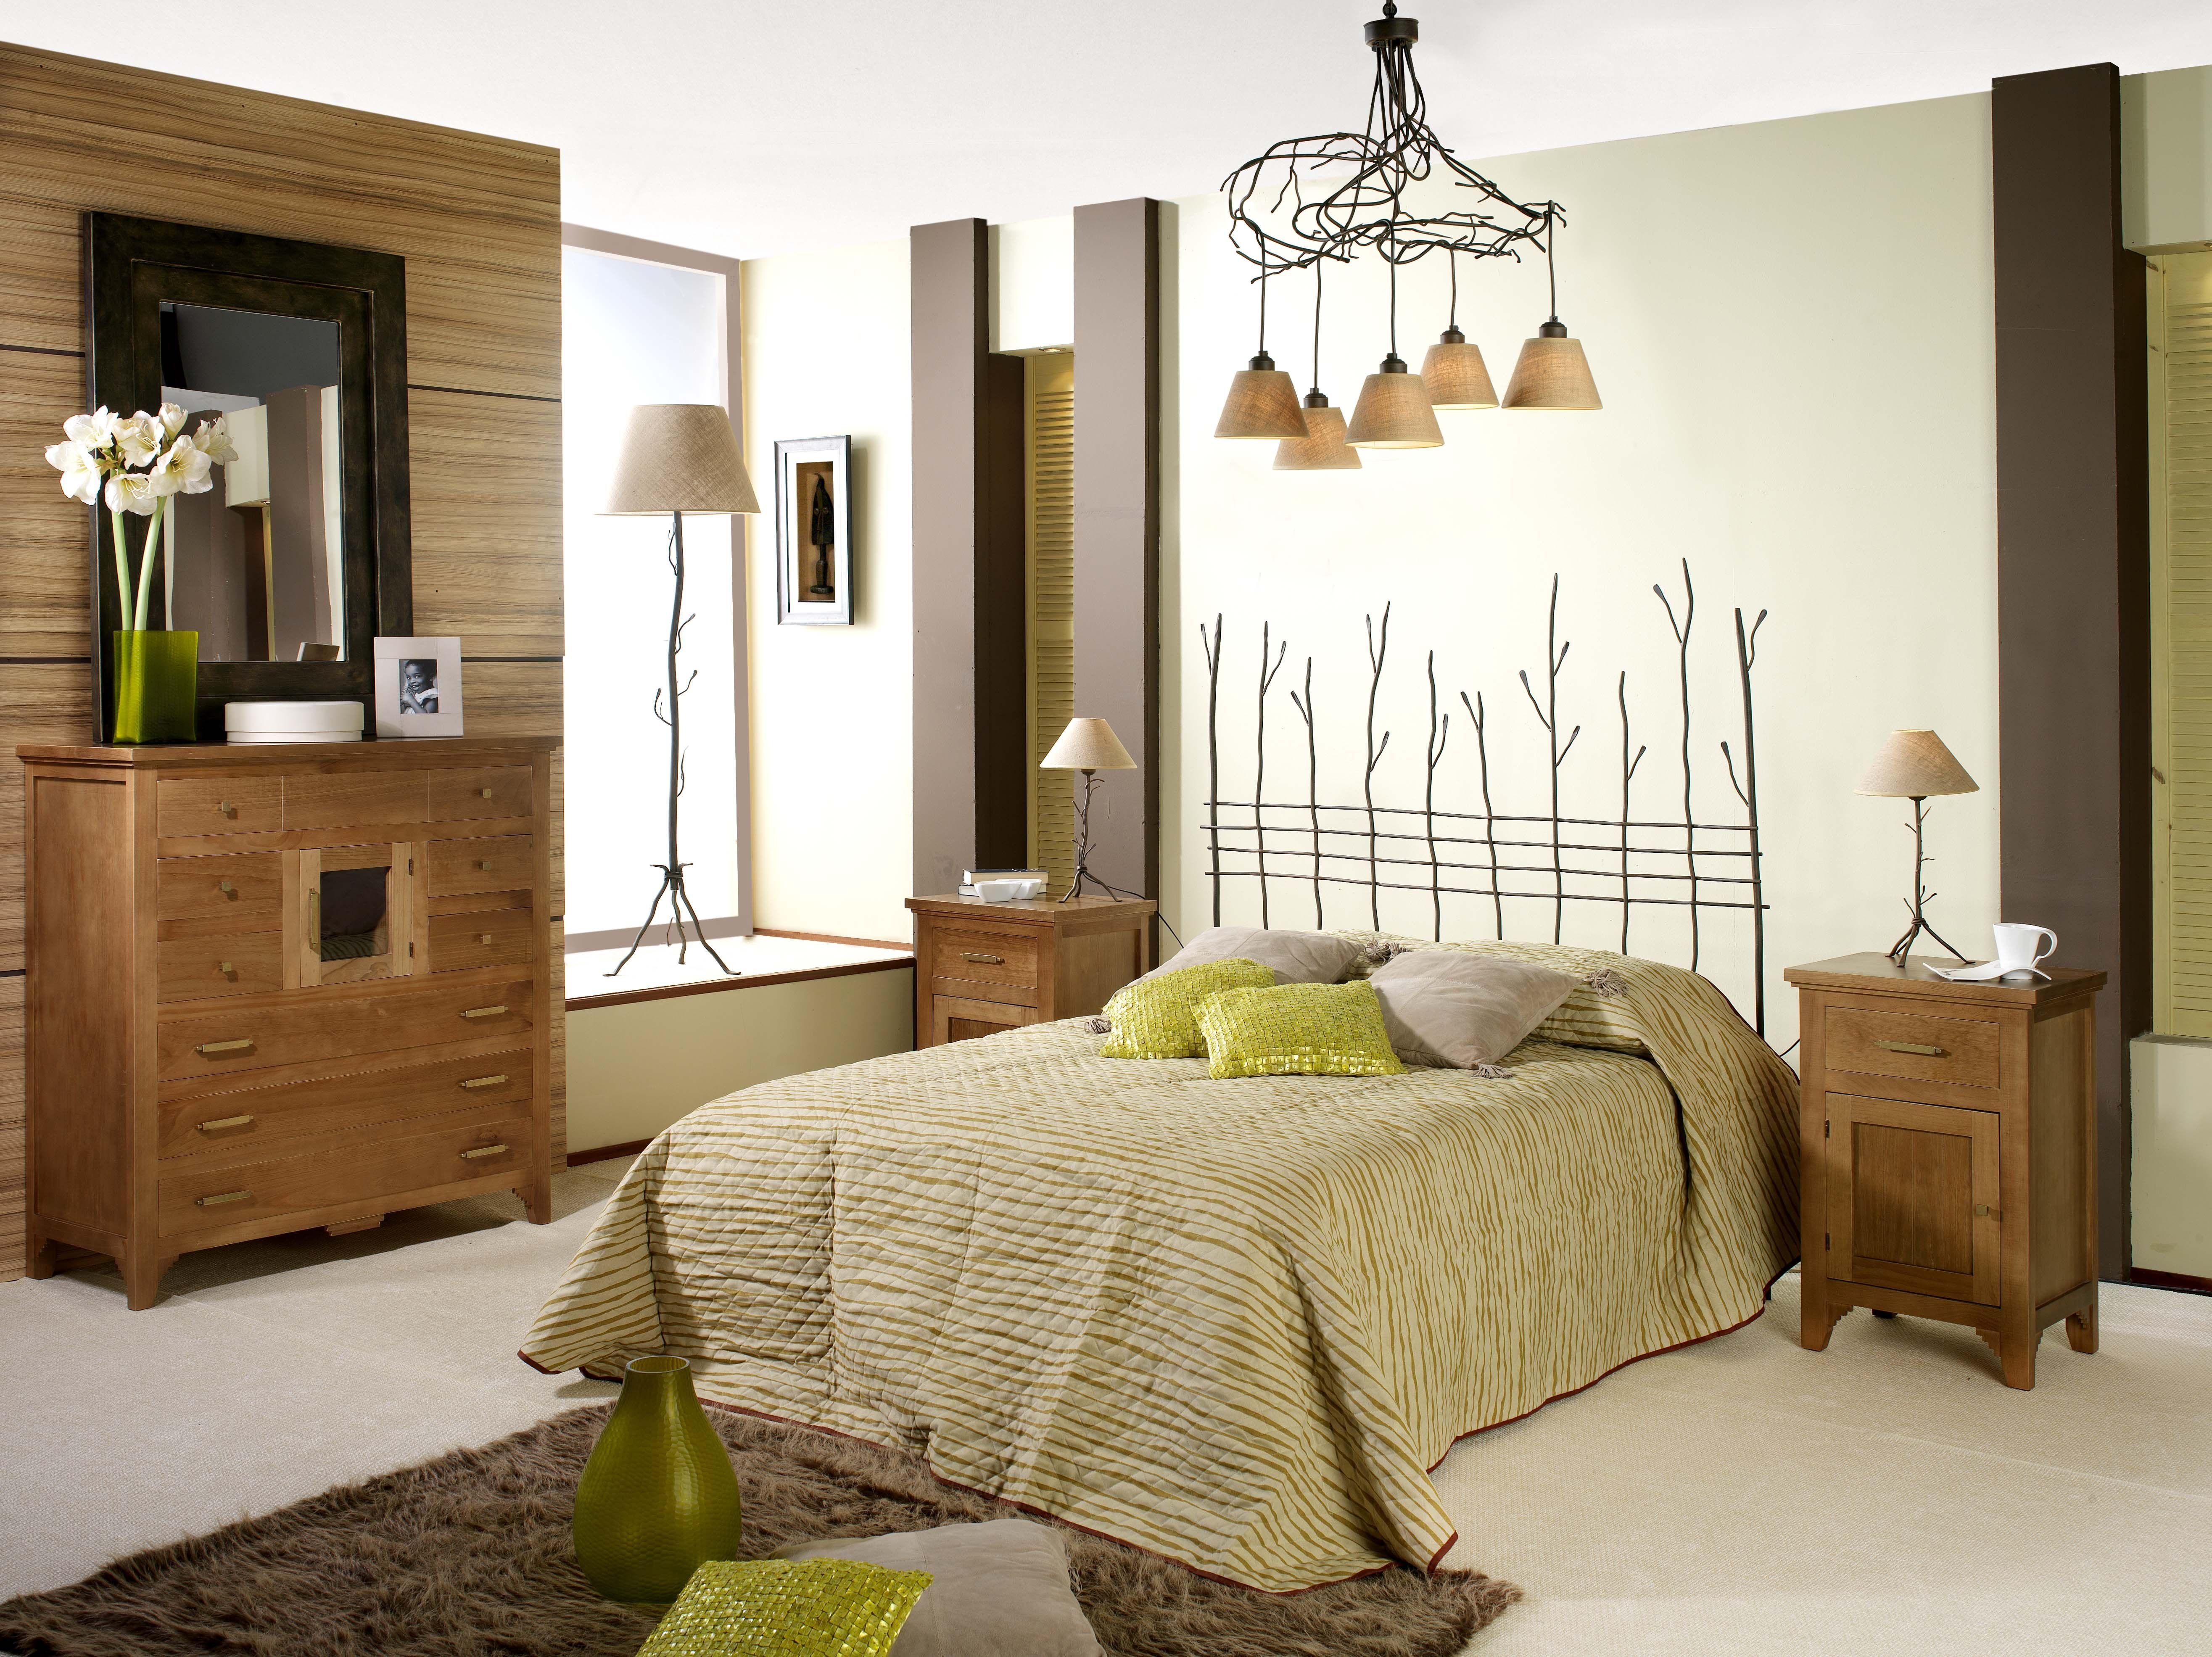 Dormitorio De Forja Y Madera Mod Nature Fabricado A Mano Tonos De Los Colores Puede Cambiarlos El Cliente A Su Gus Dormitorios Dormitorio De Matrimonio Hogar